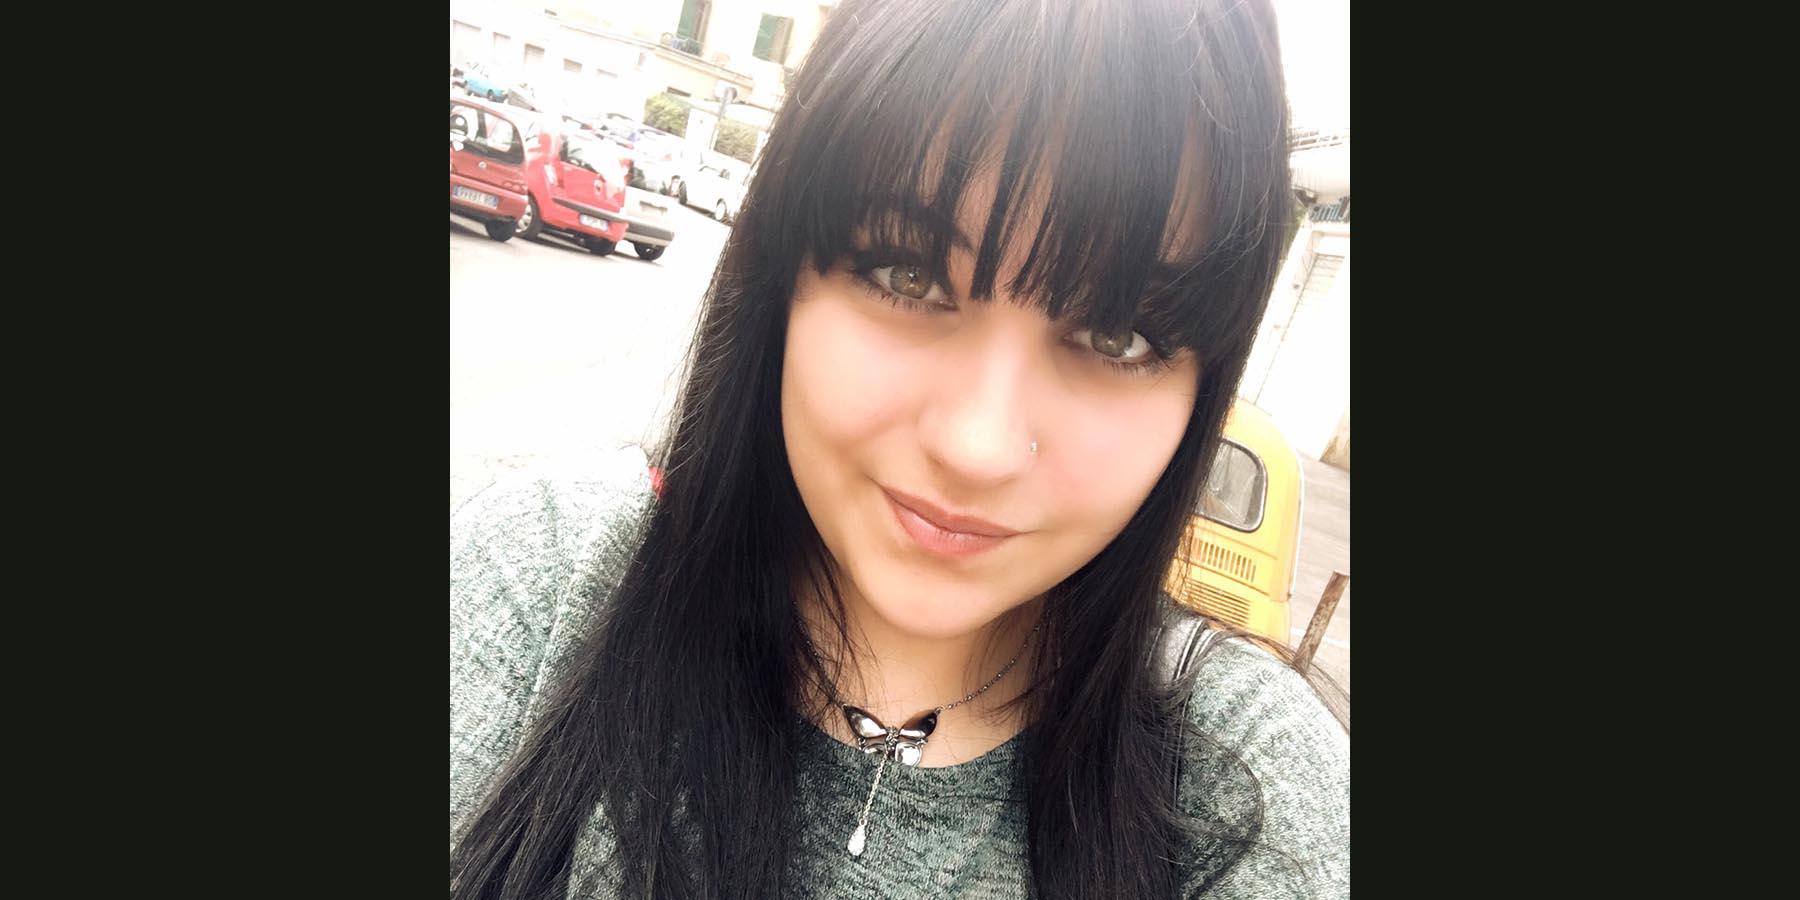 La paura e la speranza: <br />da Amatrice <br />la voce di Arianna